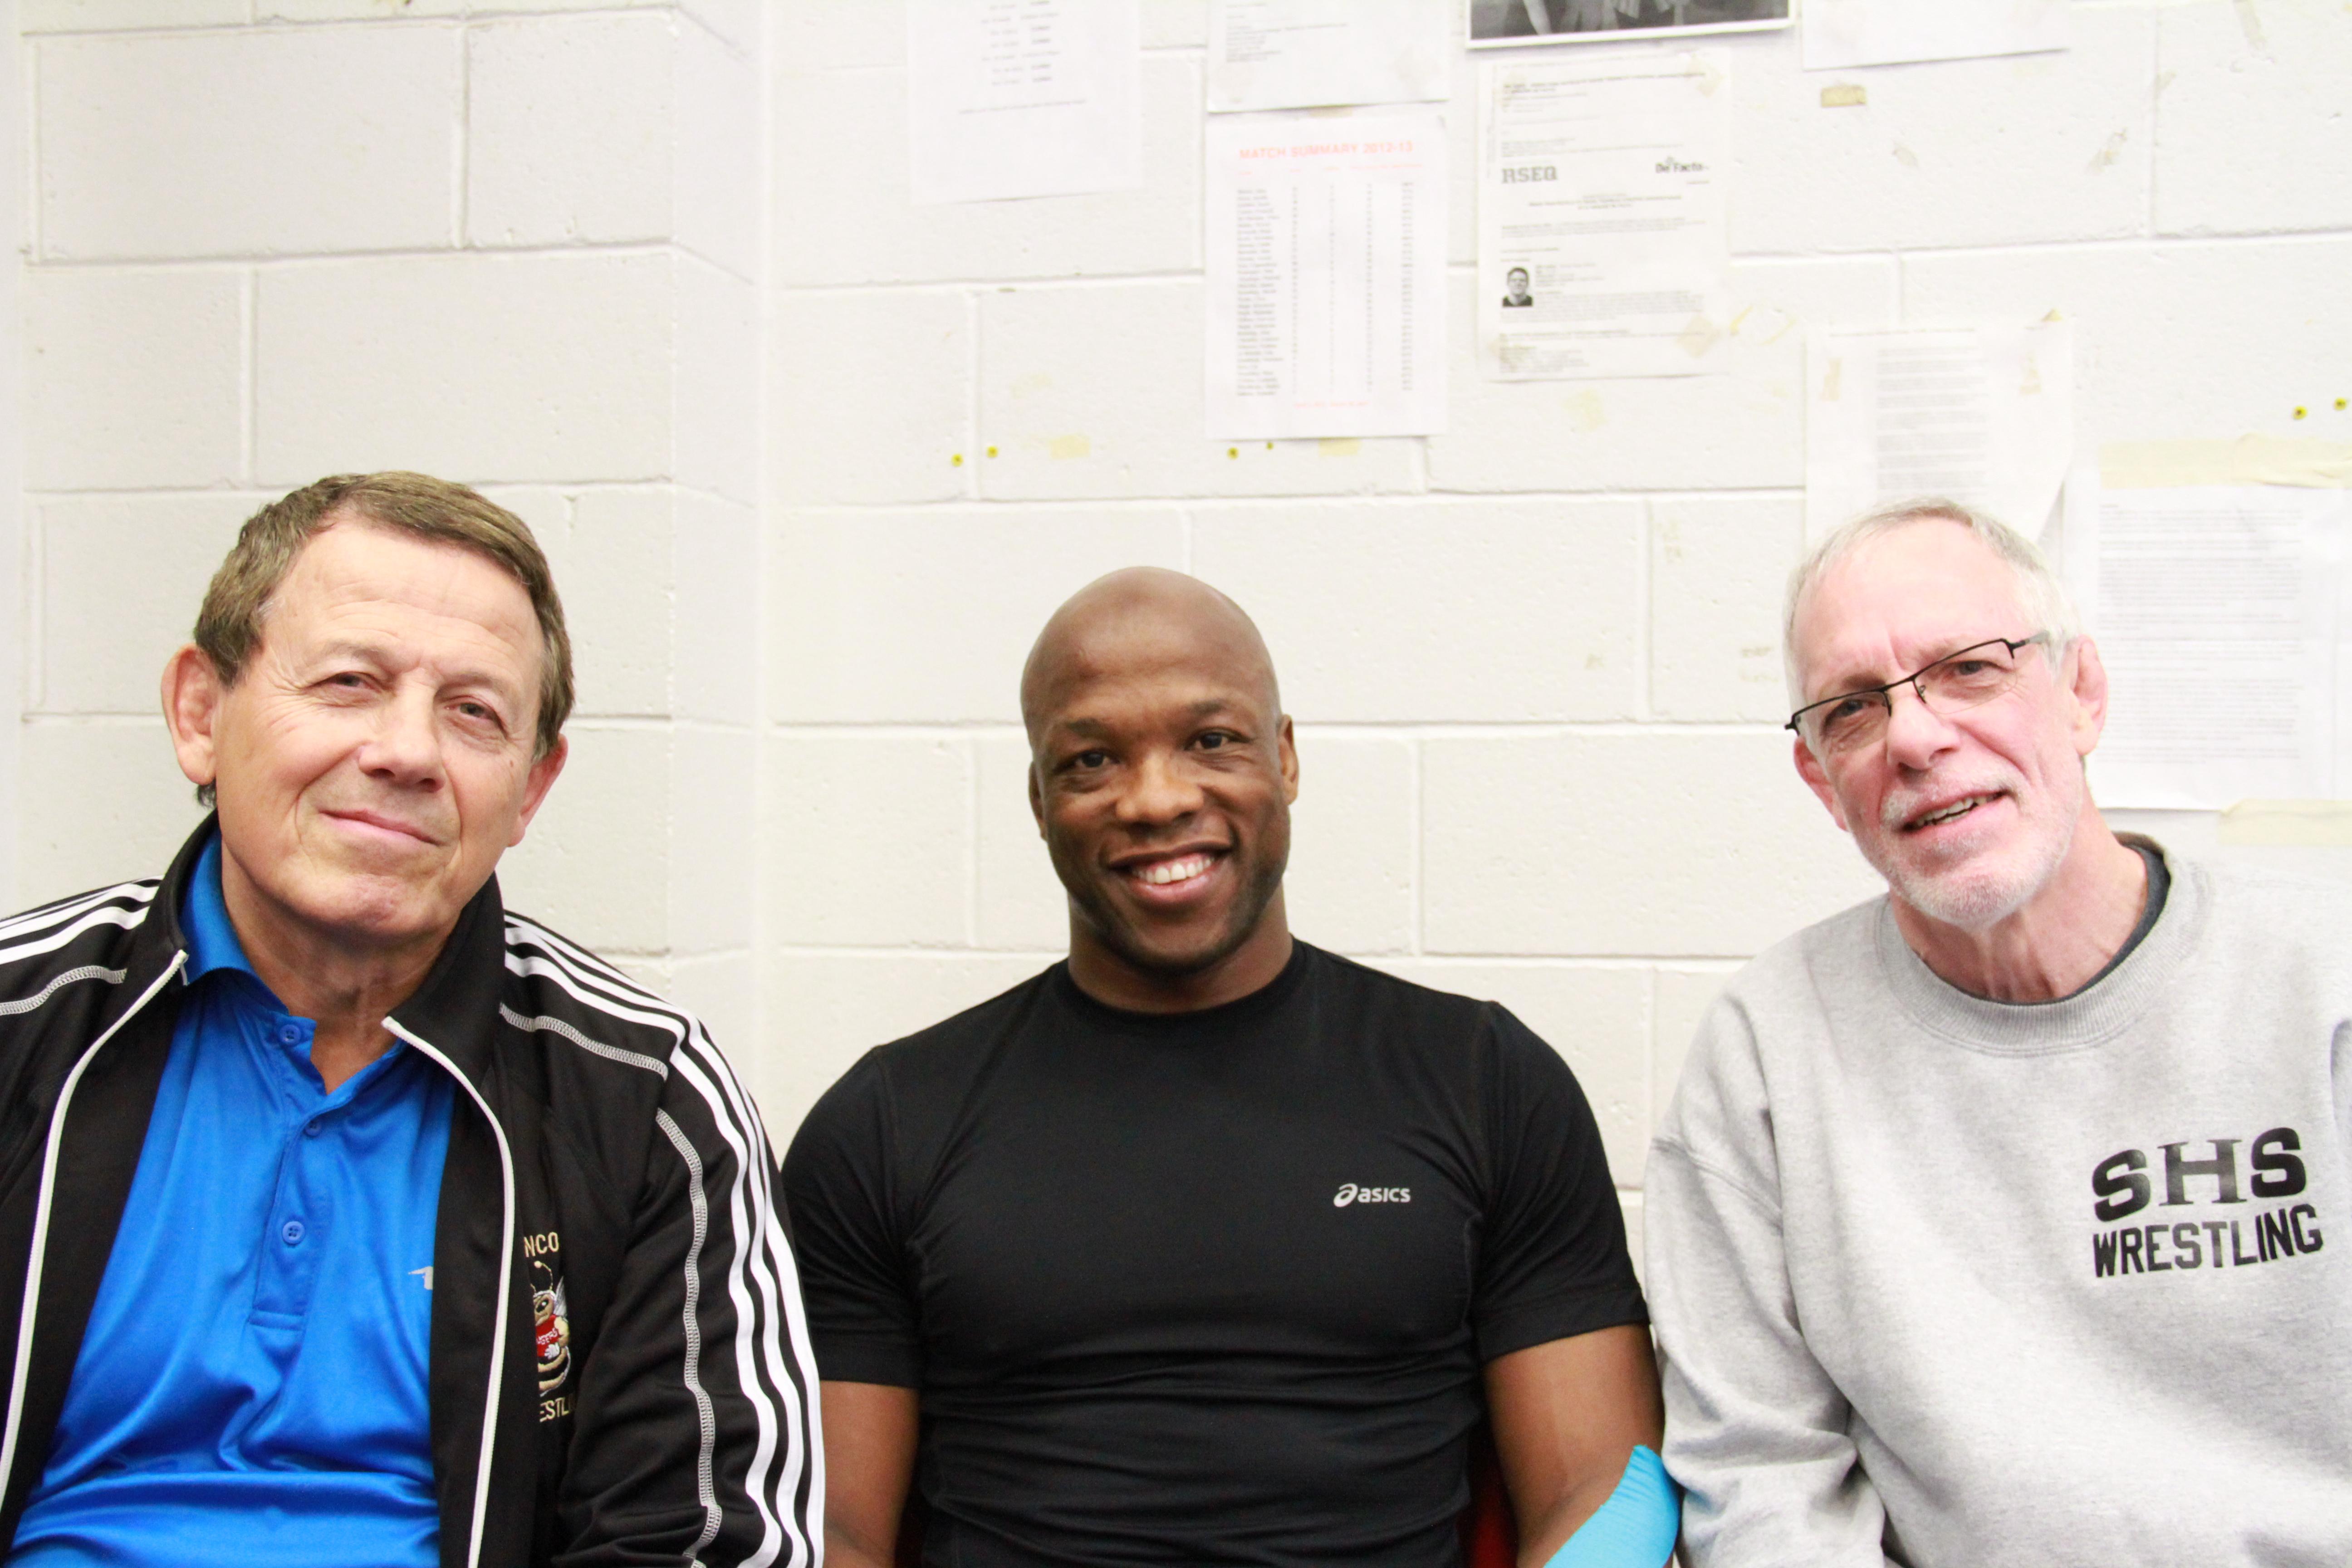 Cleopas avec ses entraîneurs Victor Zilberman (gauche) et Rob Moore (droite)